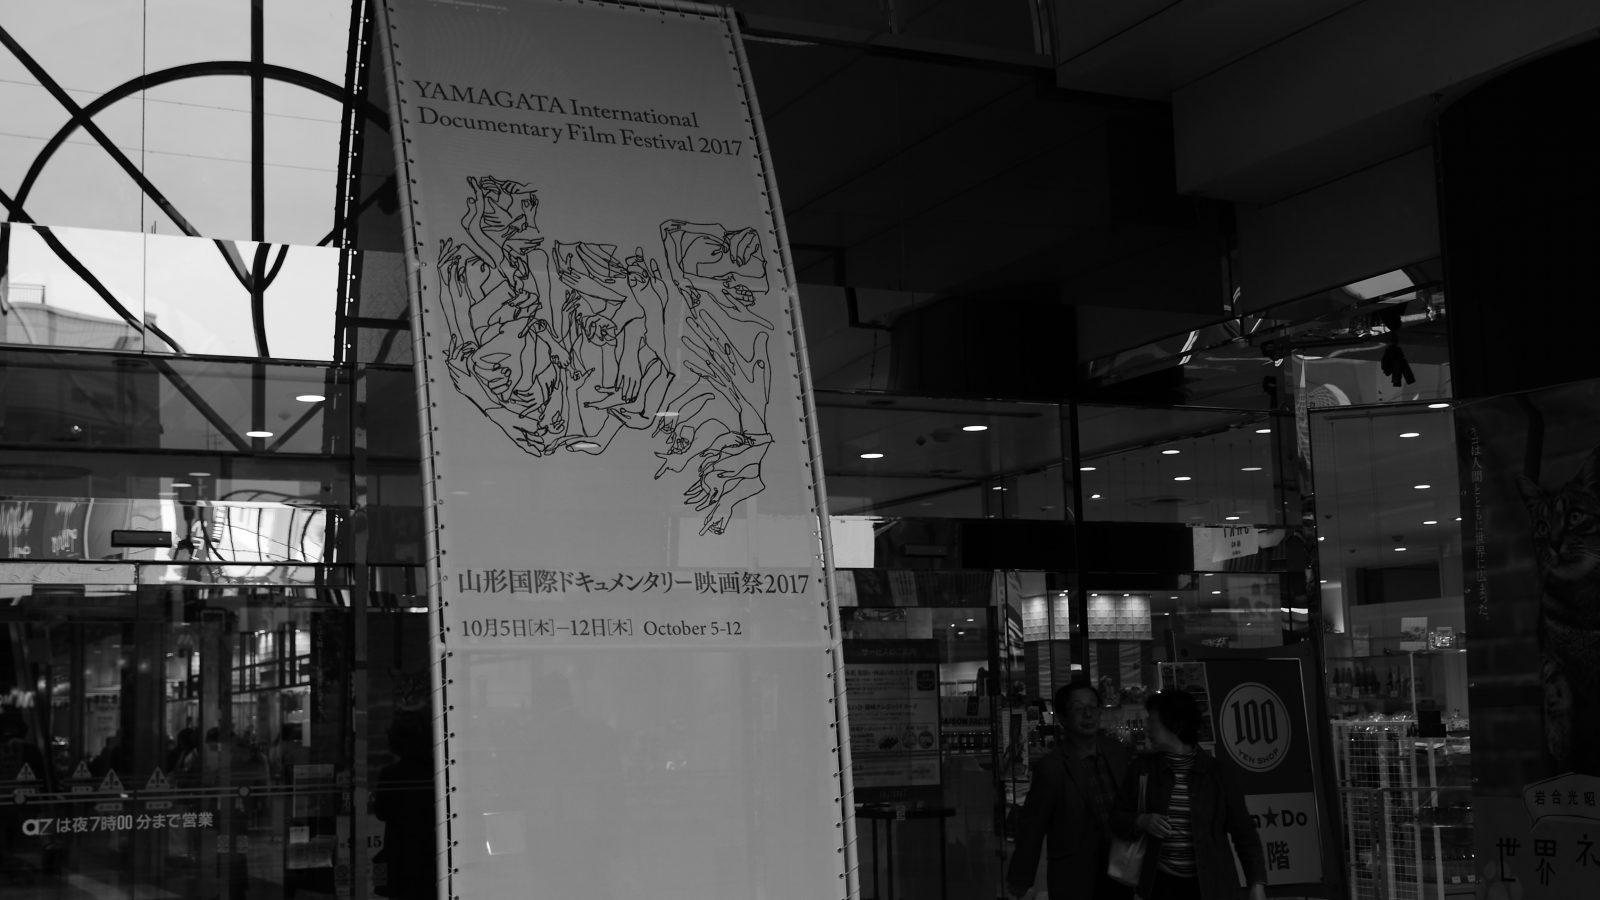 【シネマジプシー】山形出張編 Day2